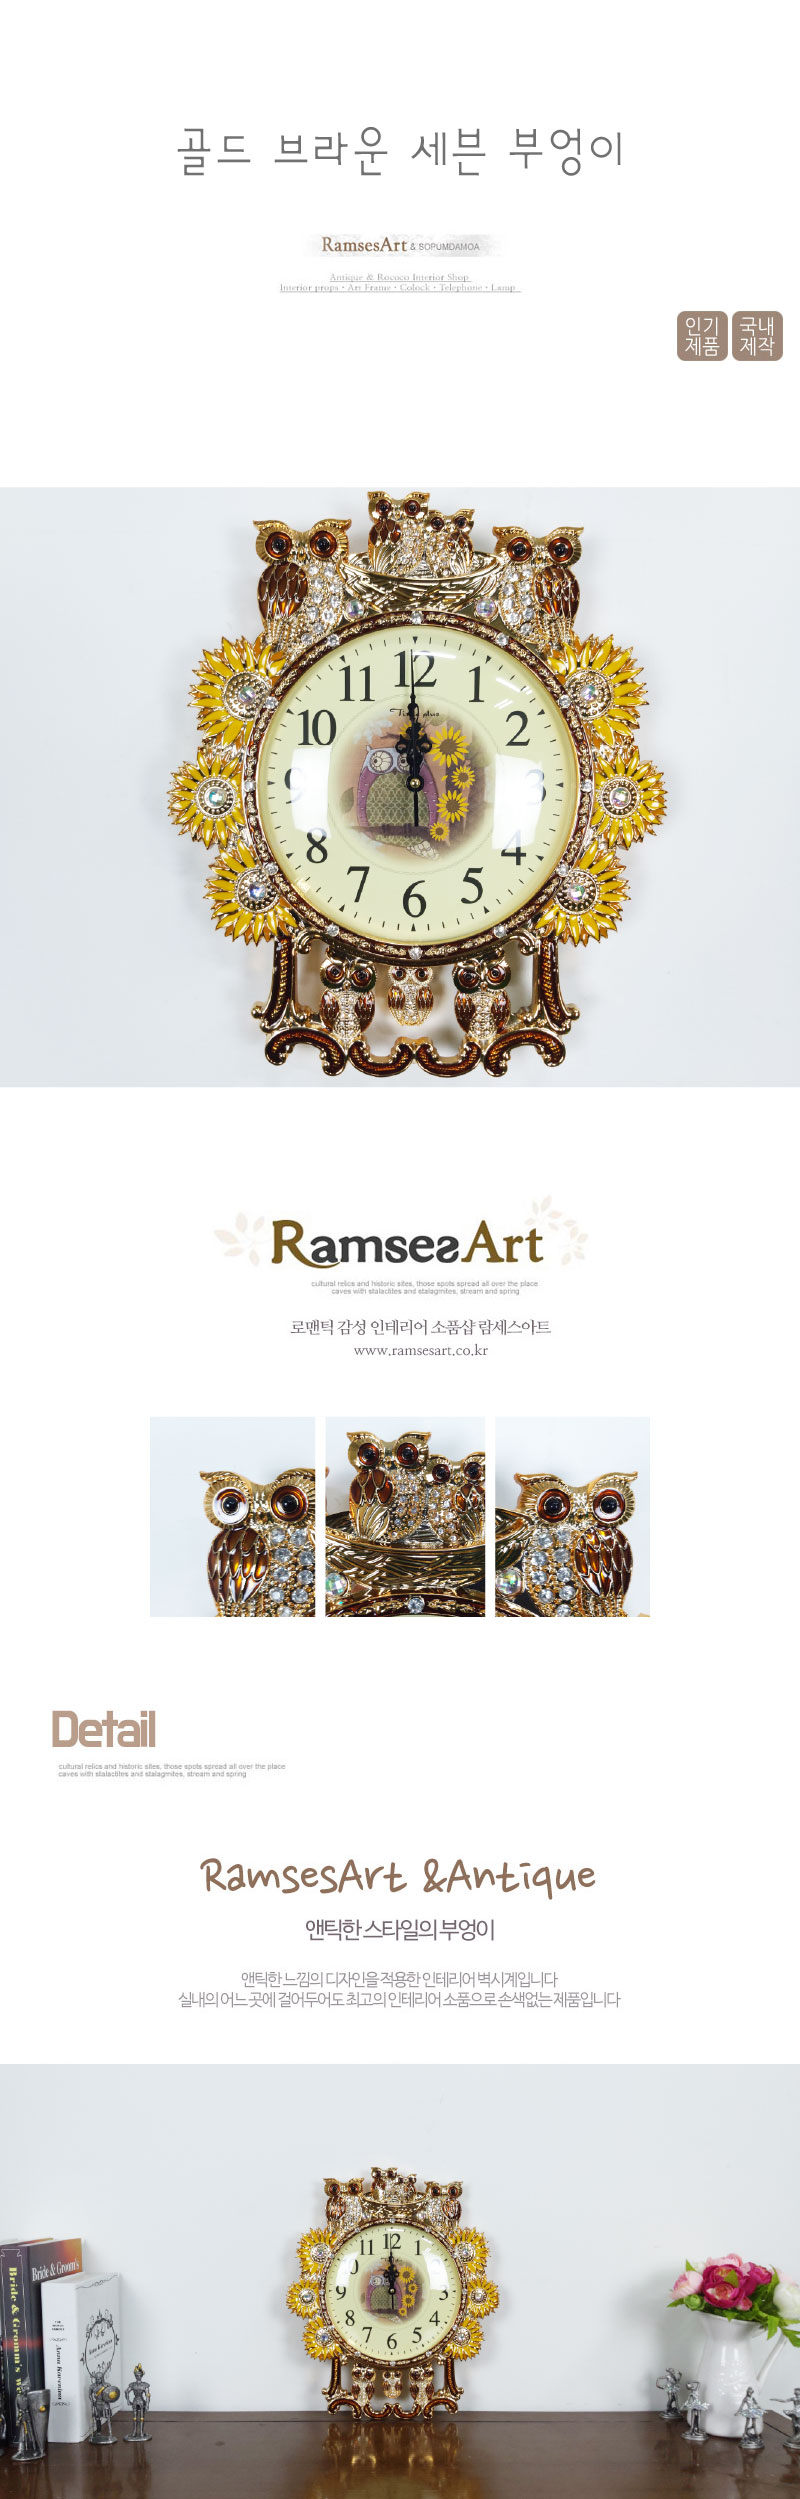 세븐 해바라기부엉이 골드브라운 무소음 엔틱 벽시계 - 람세스아트, 79,900원, 벽시계, 앤틱